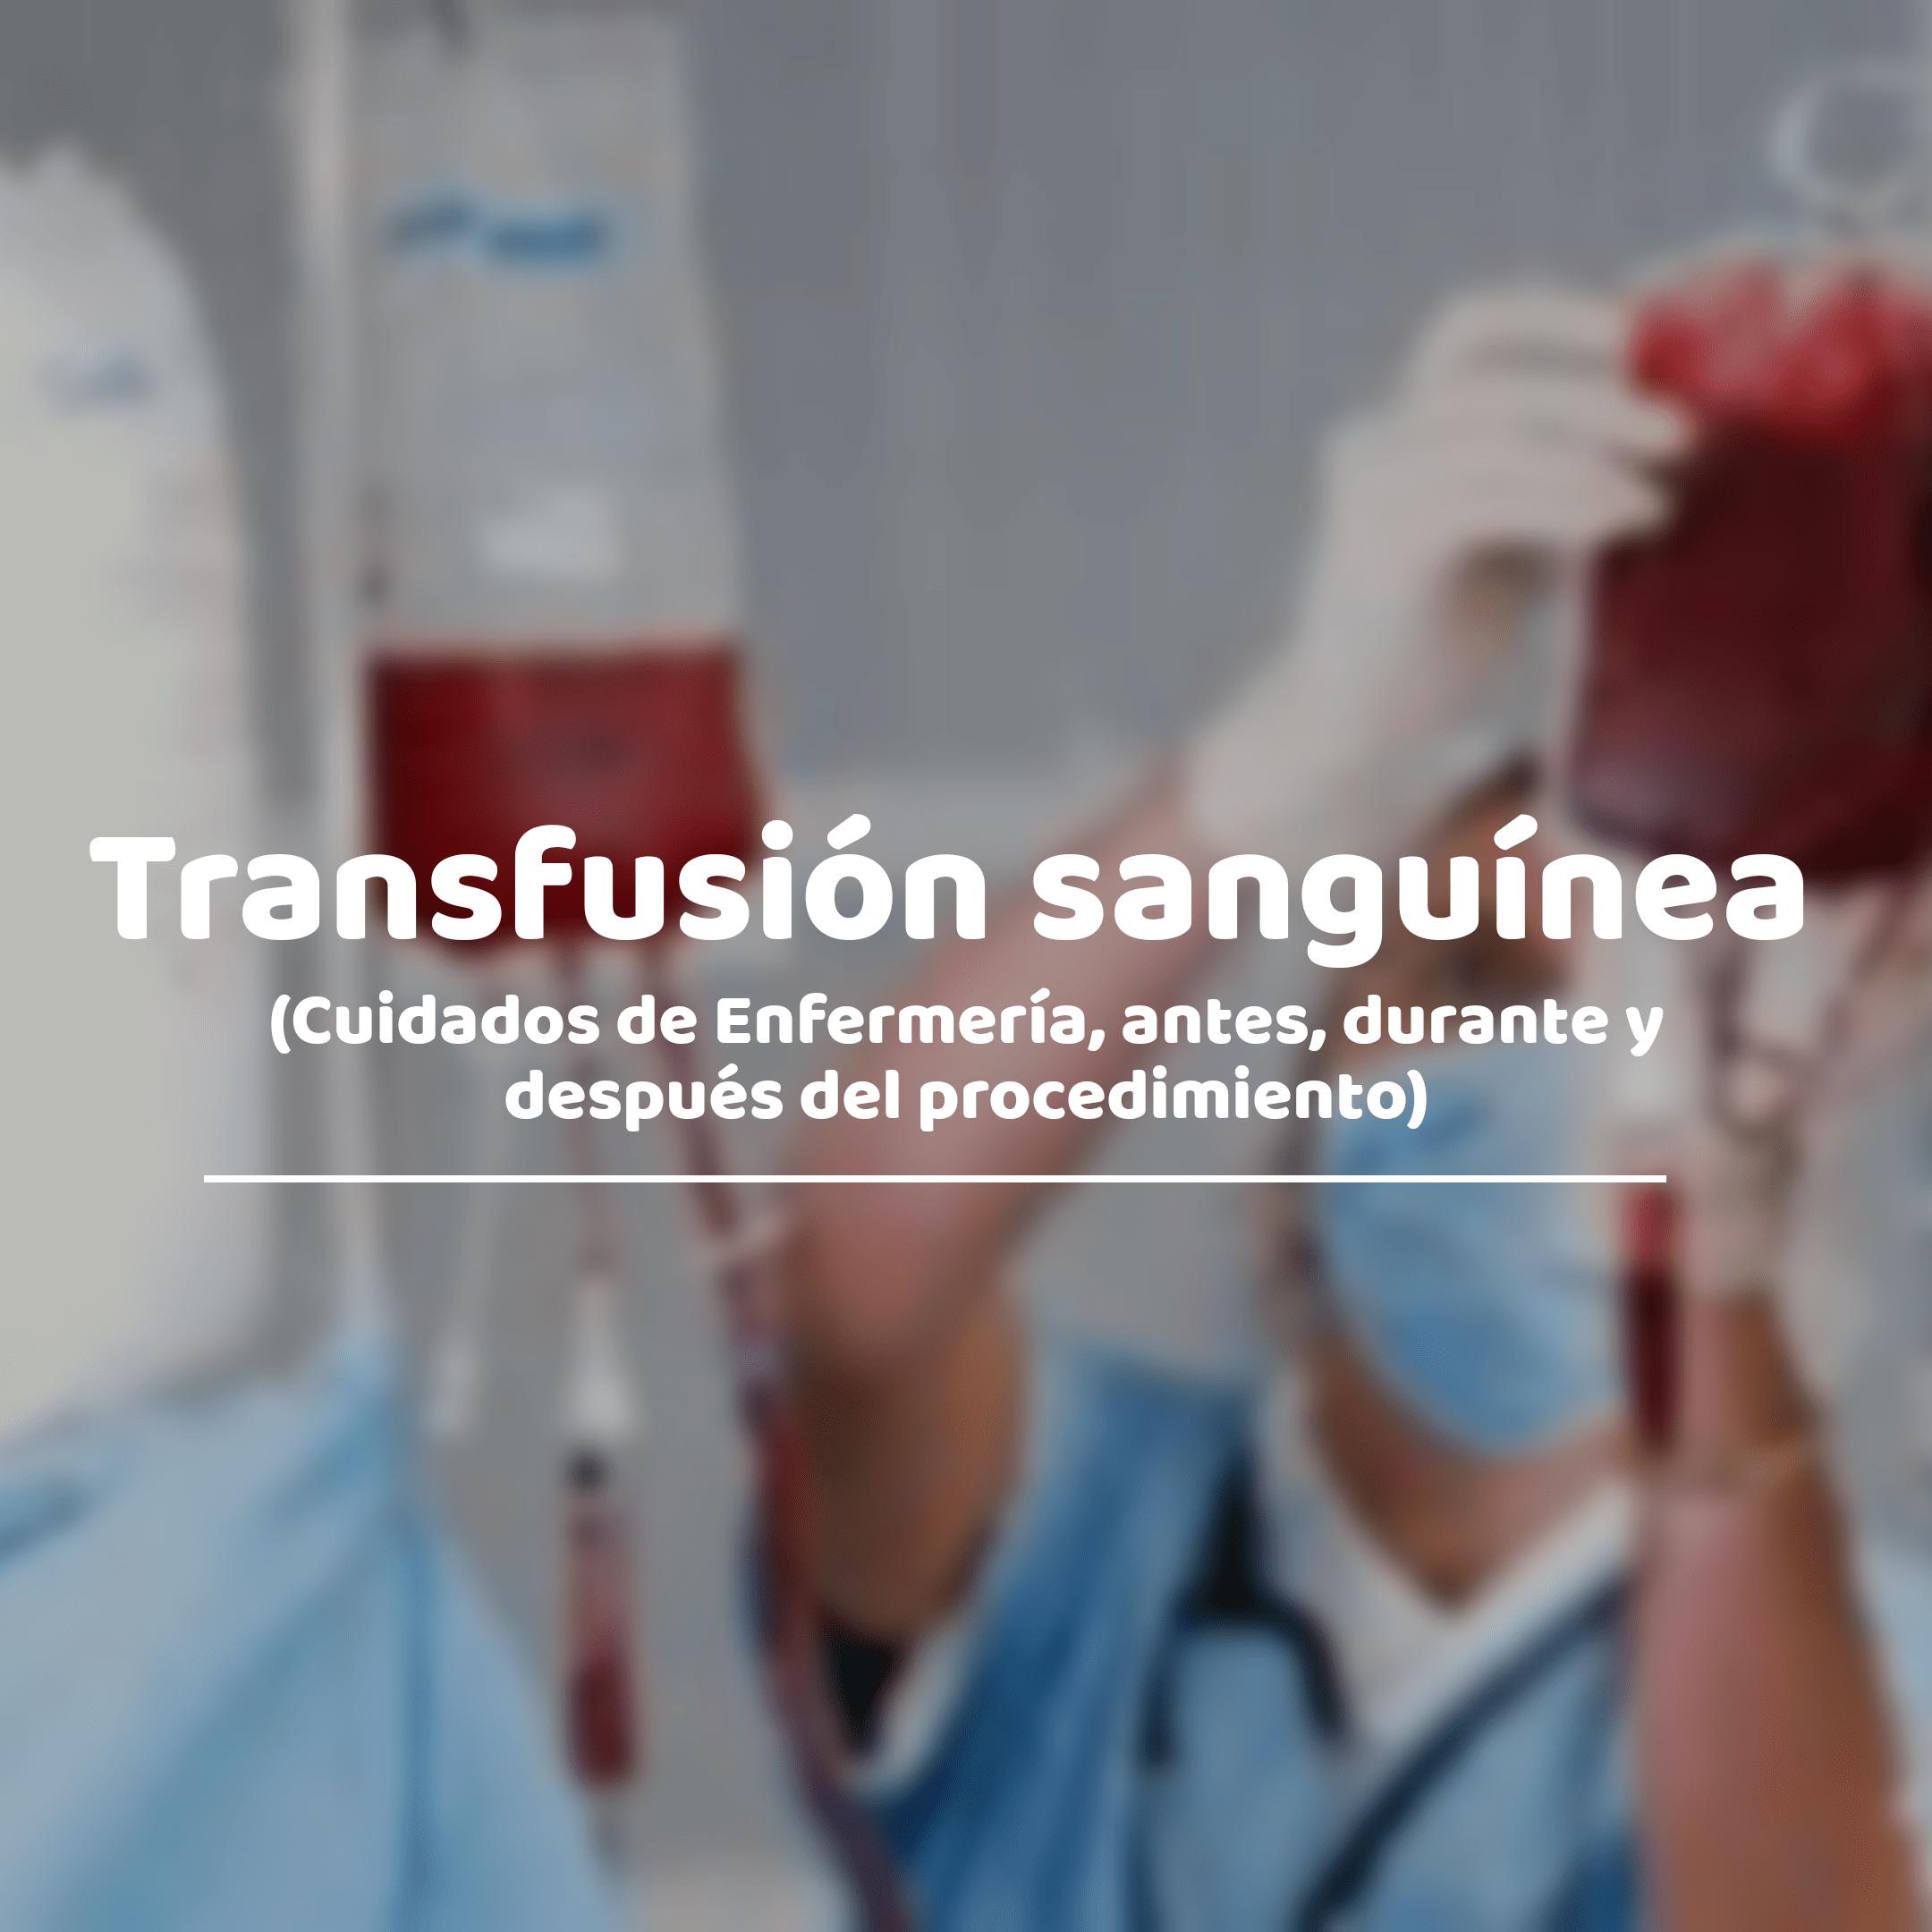 Transfusión sanguínea